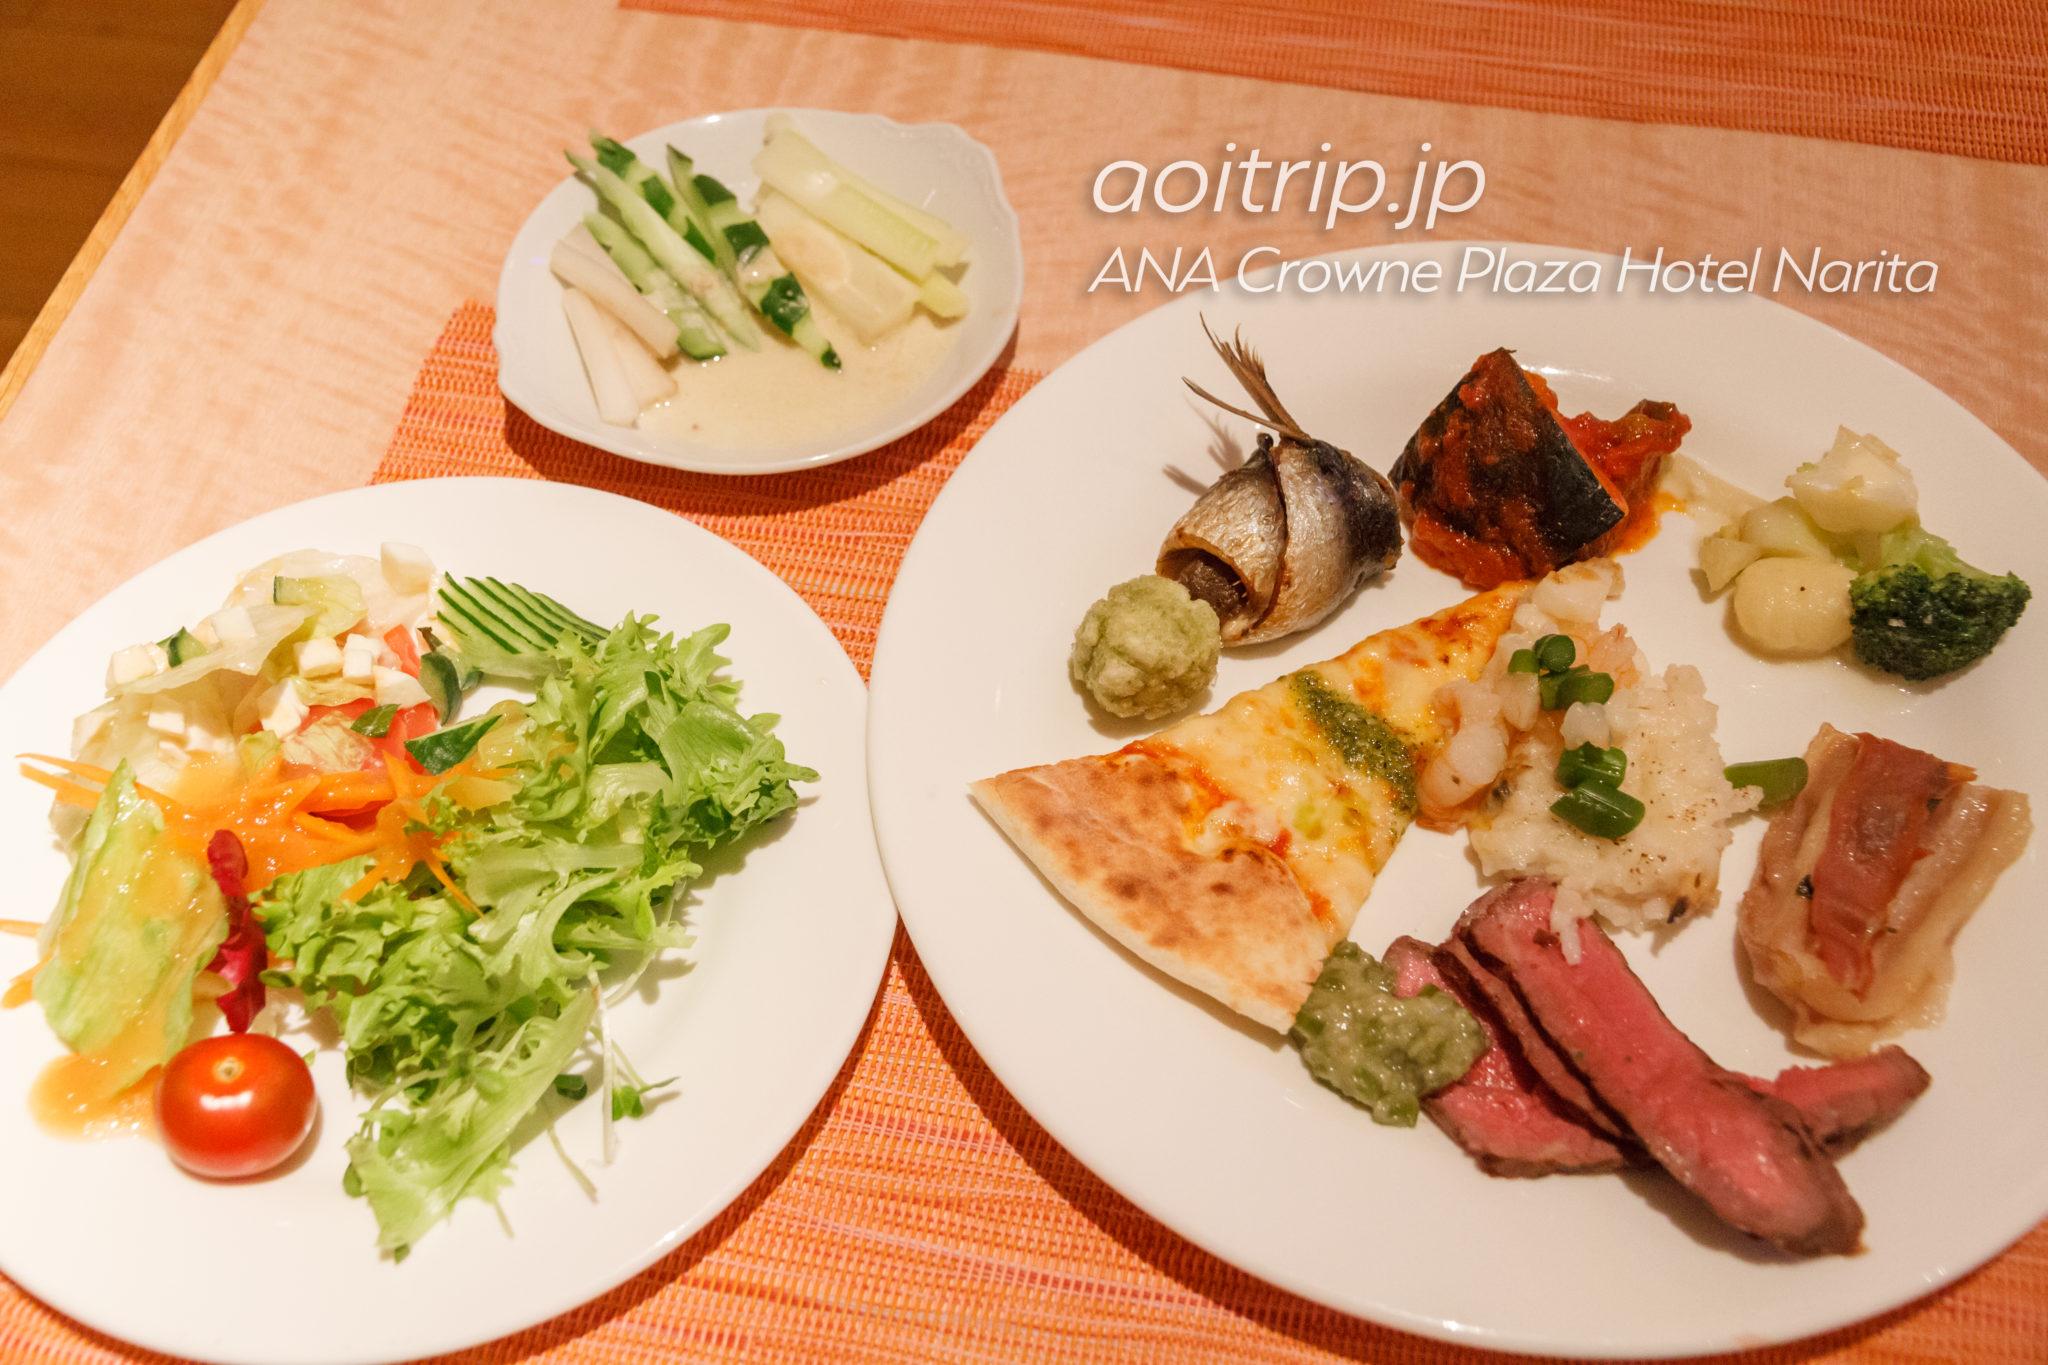 ANAクラウンプラザホテル成田のセレースの夕食